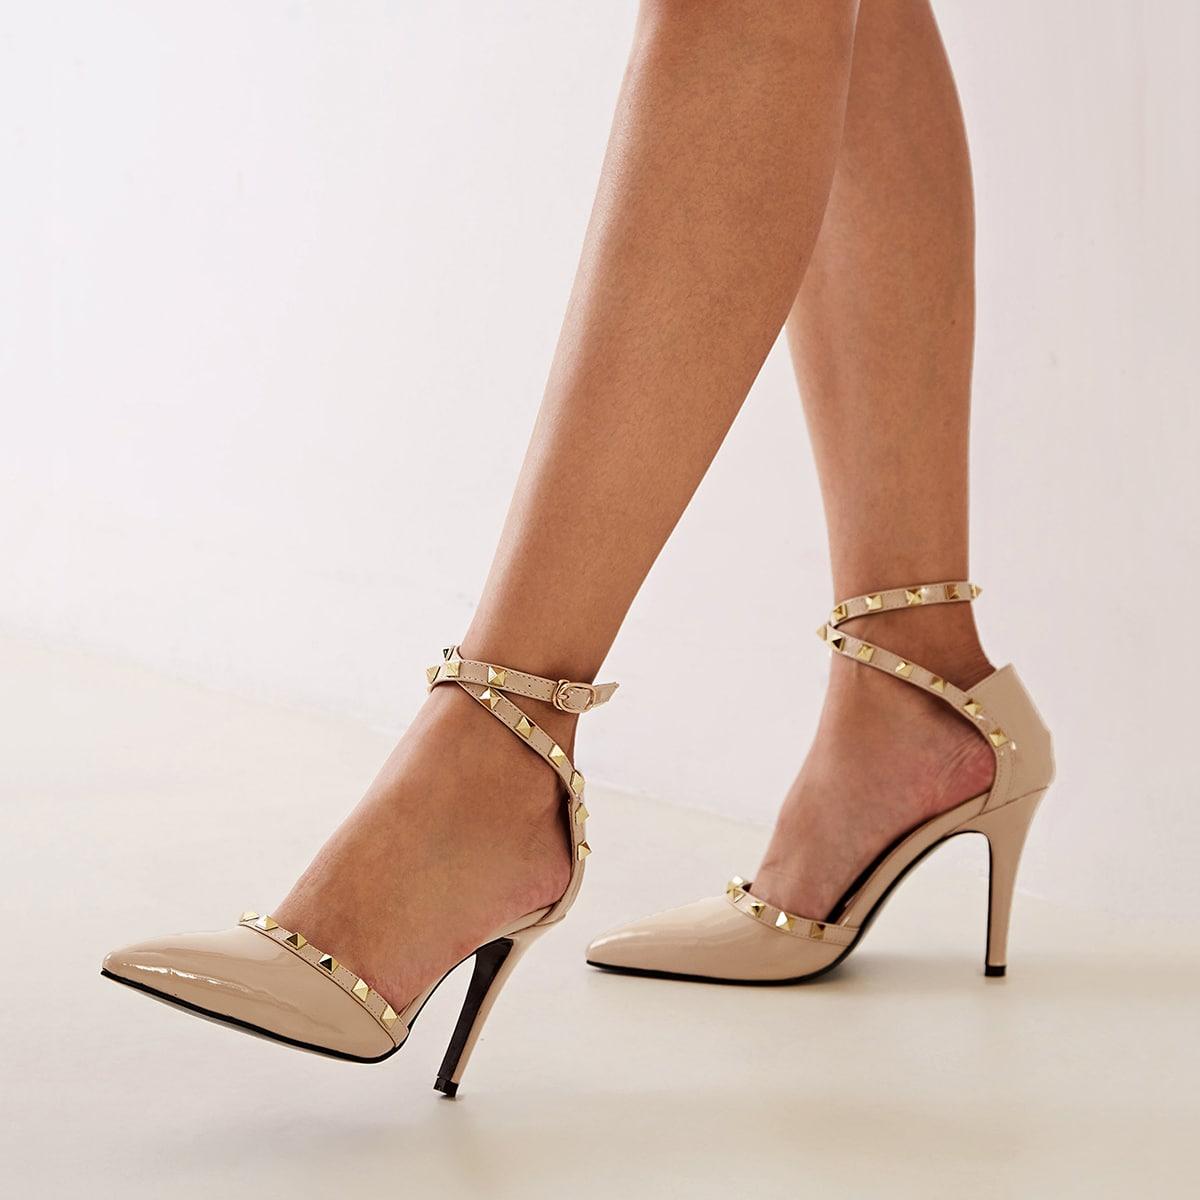 Остроконечные туфли на шпильках с заклепками от SHEIN